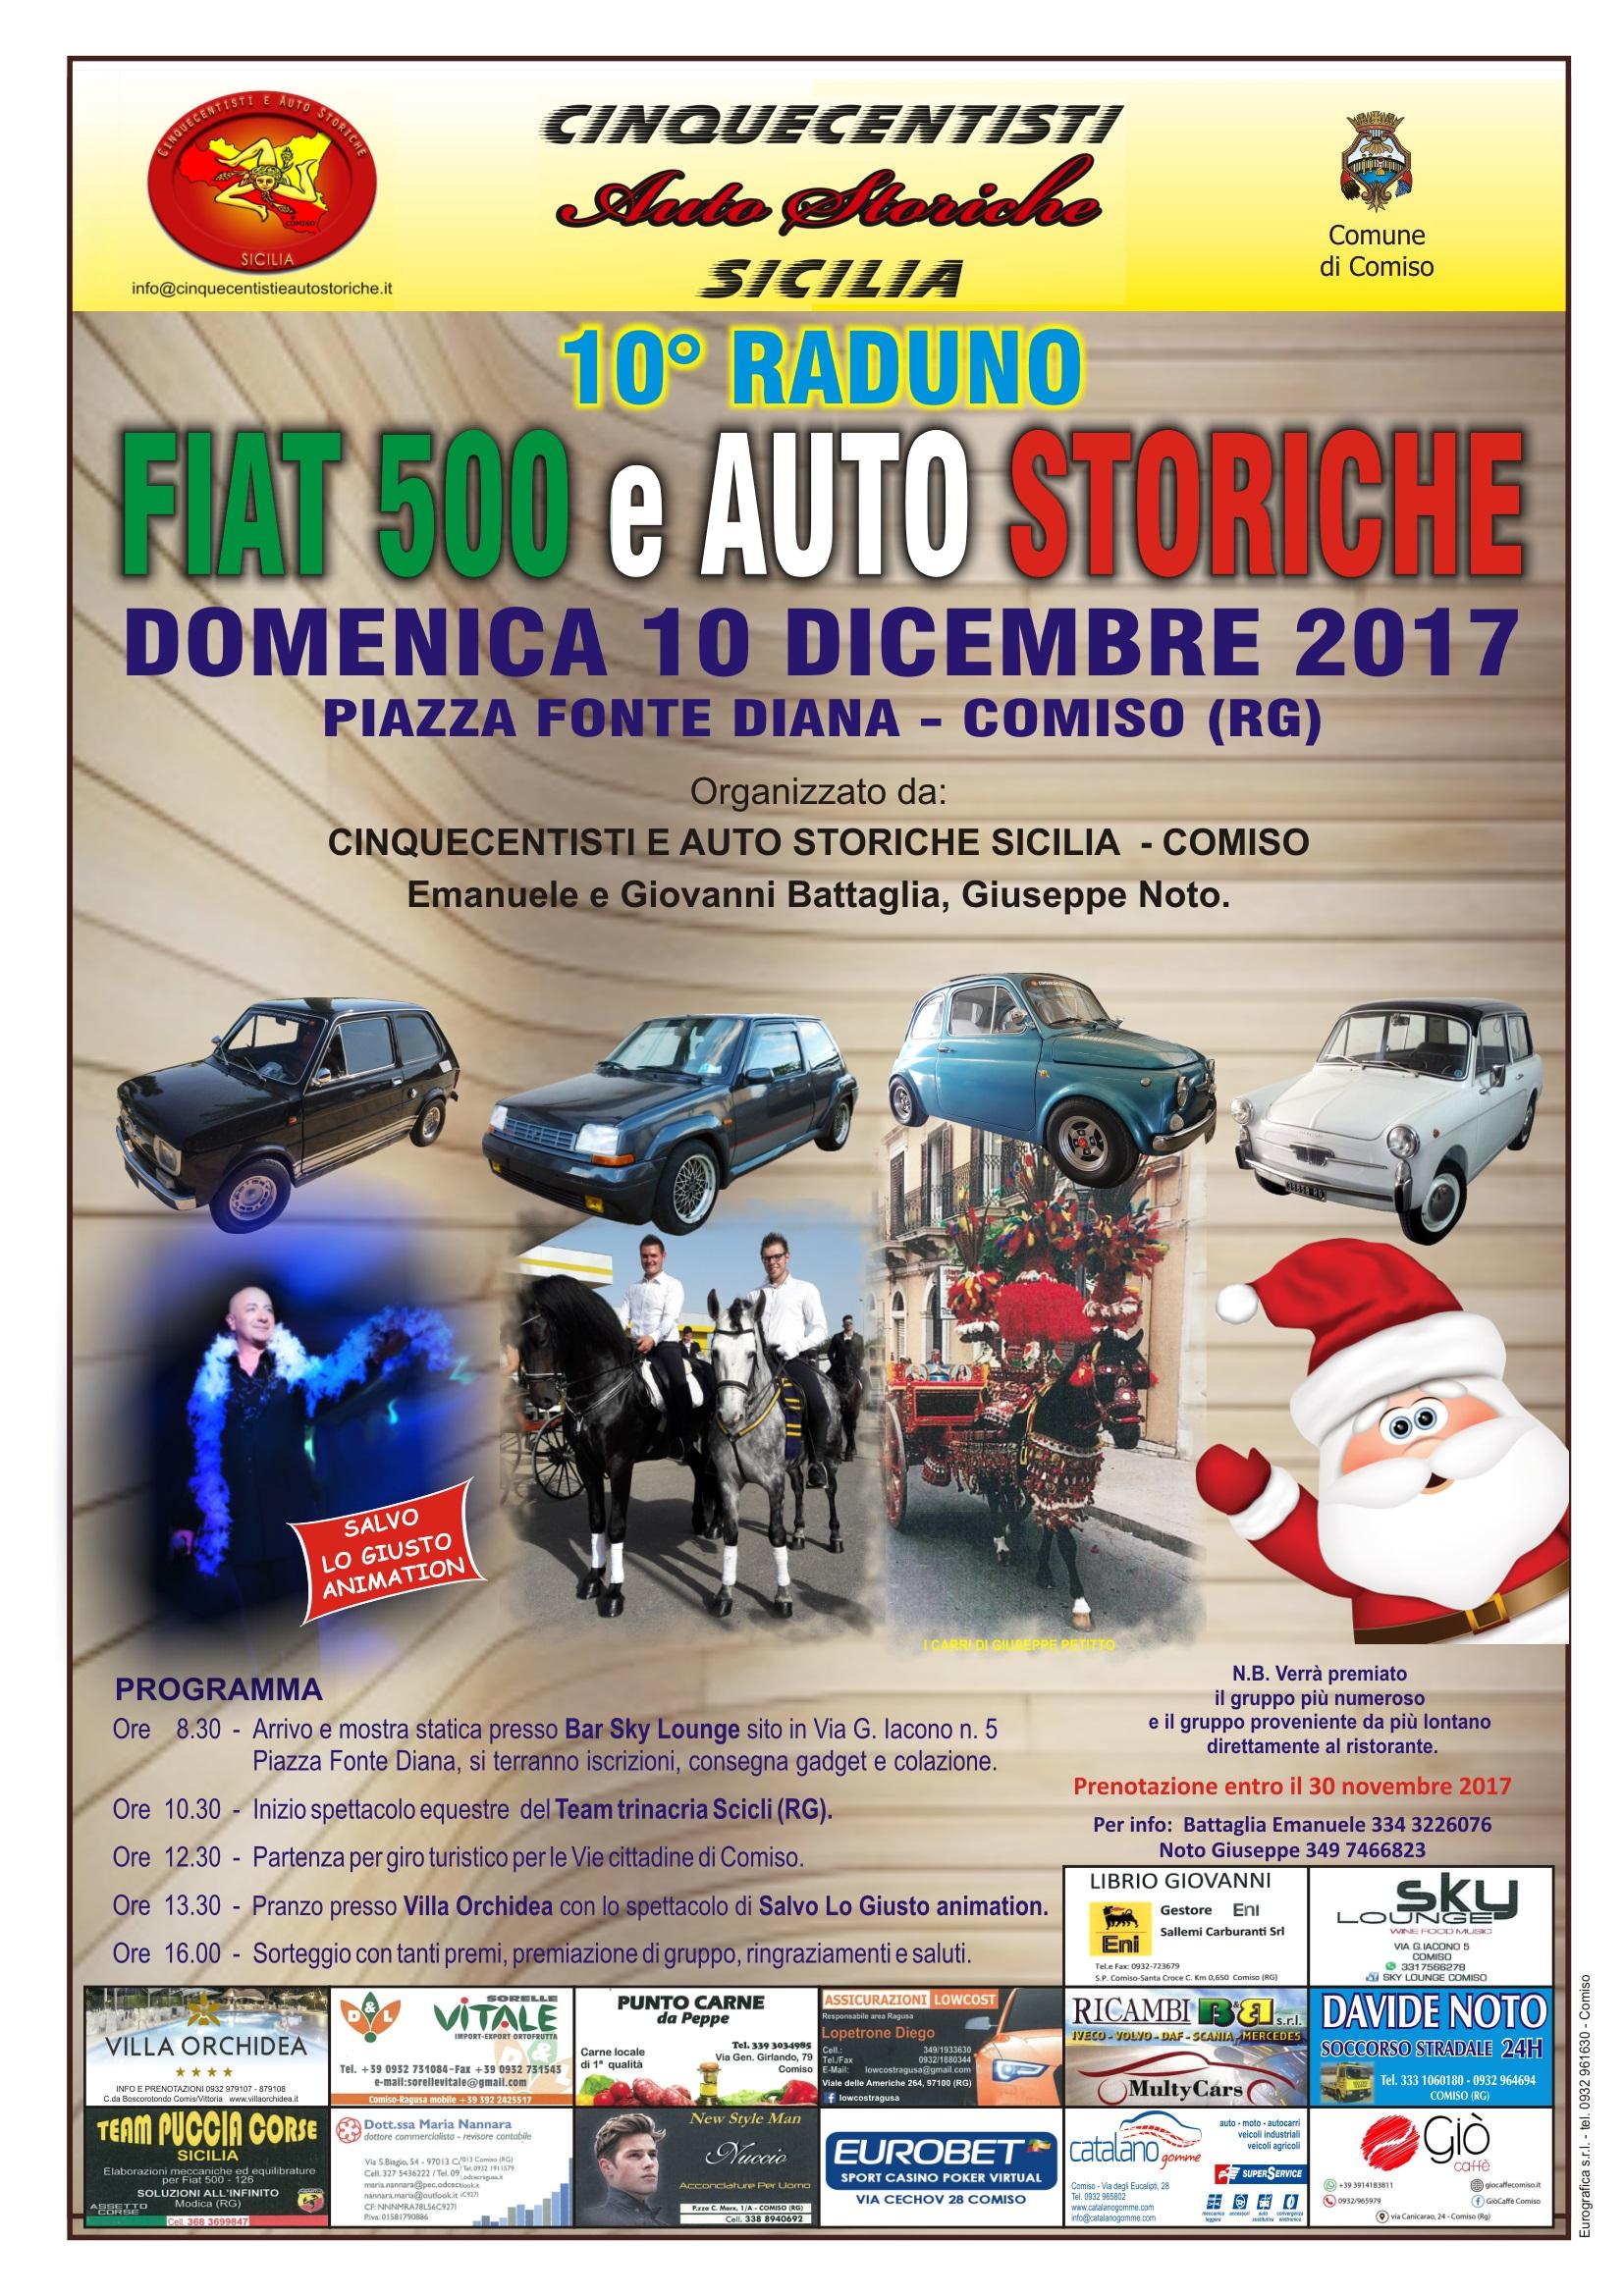 Fiat 500 e Auto Storiche